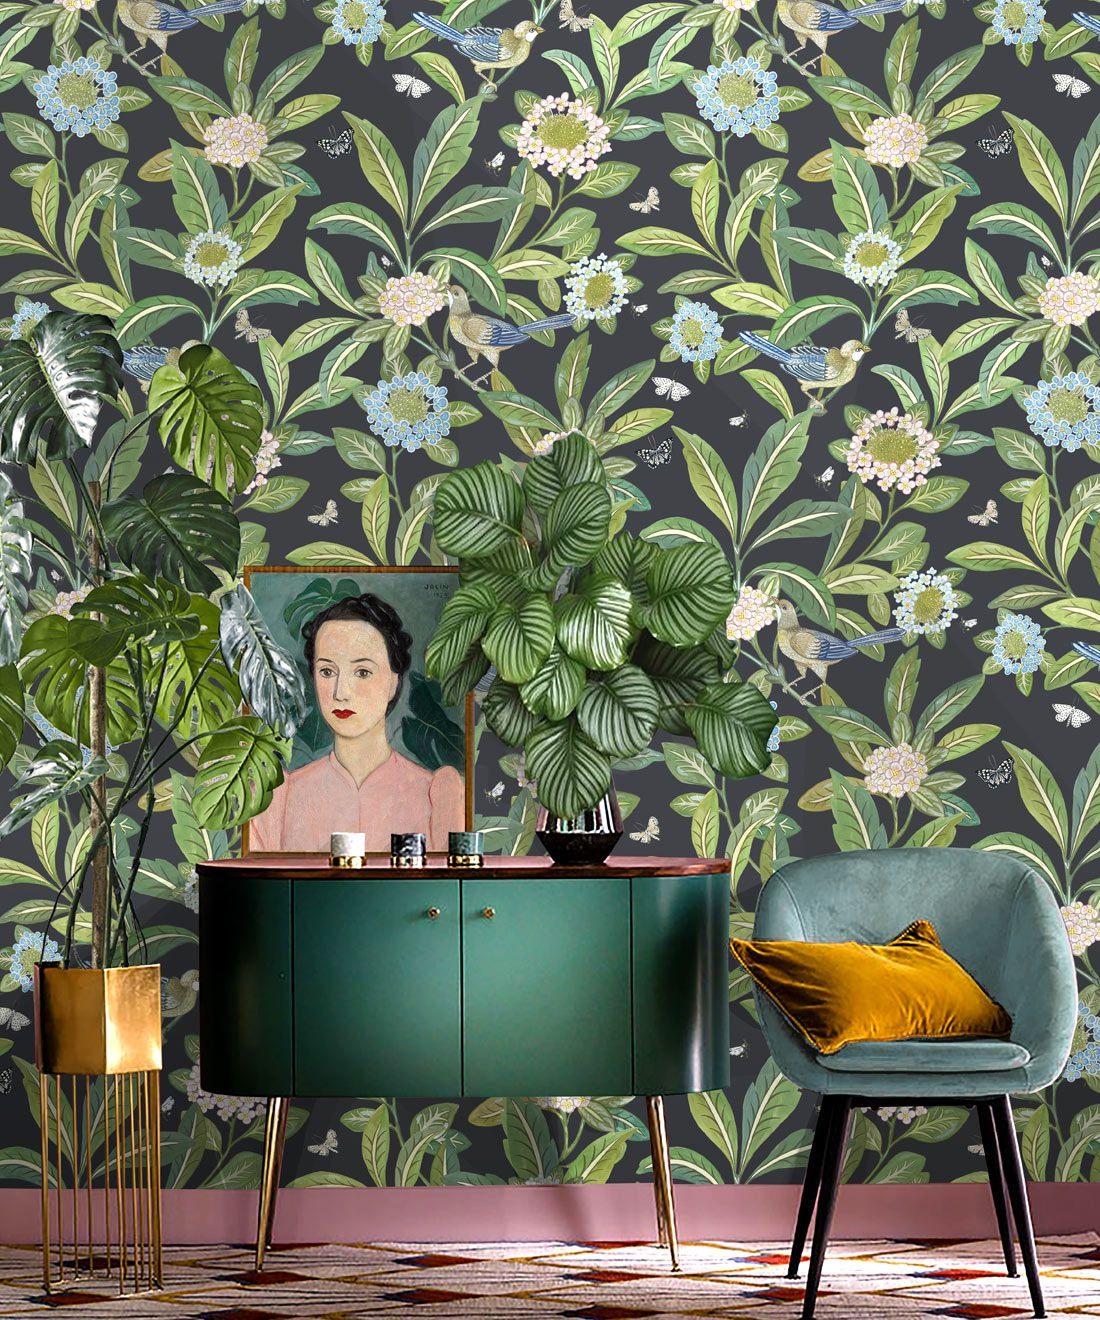 Summer Garden Wallpaper • Charcoal Wallpaper • Floral Wallpaper Insitu with green cabinet